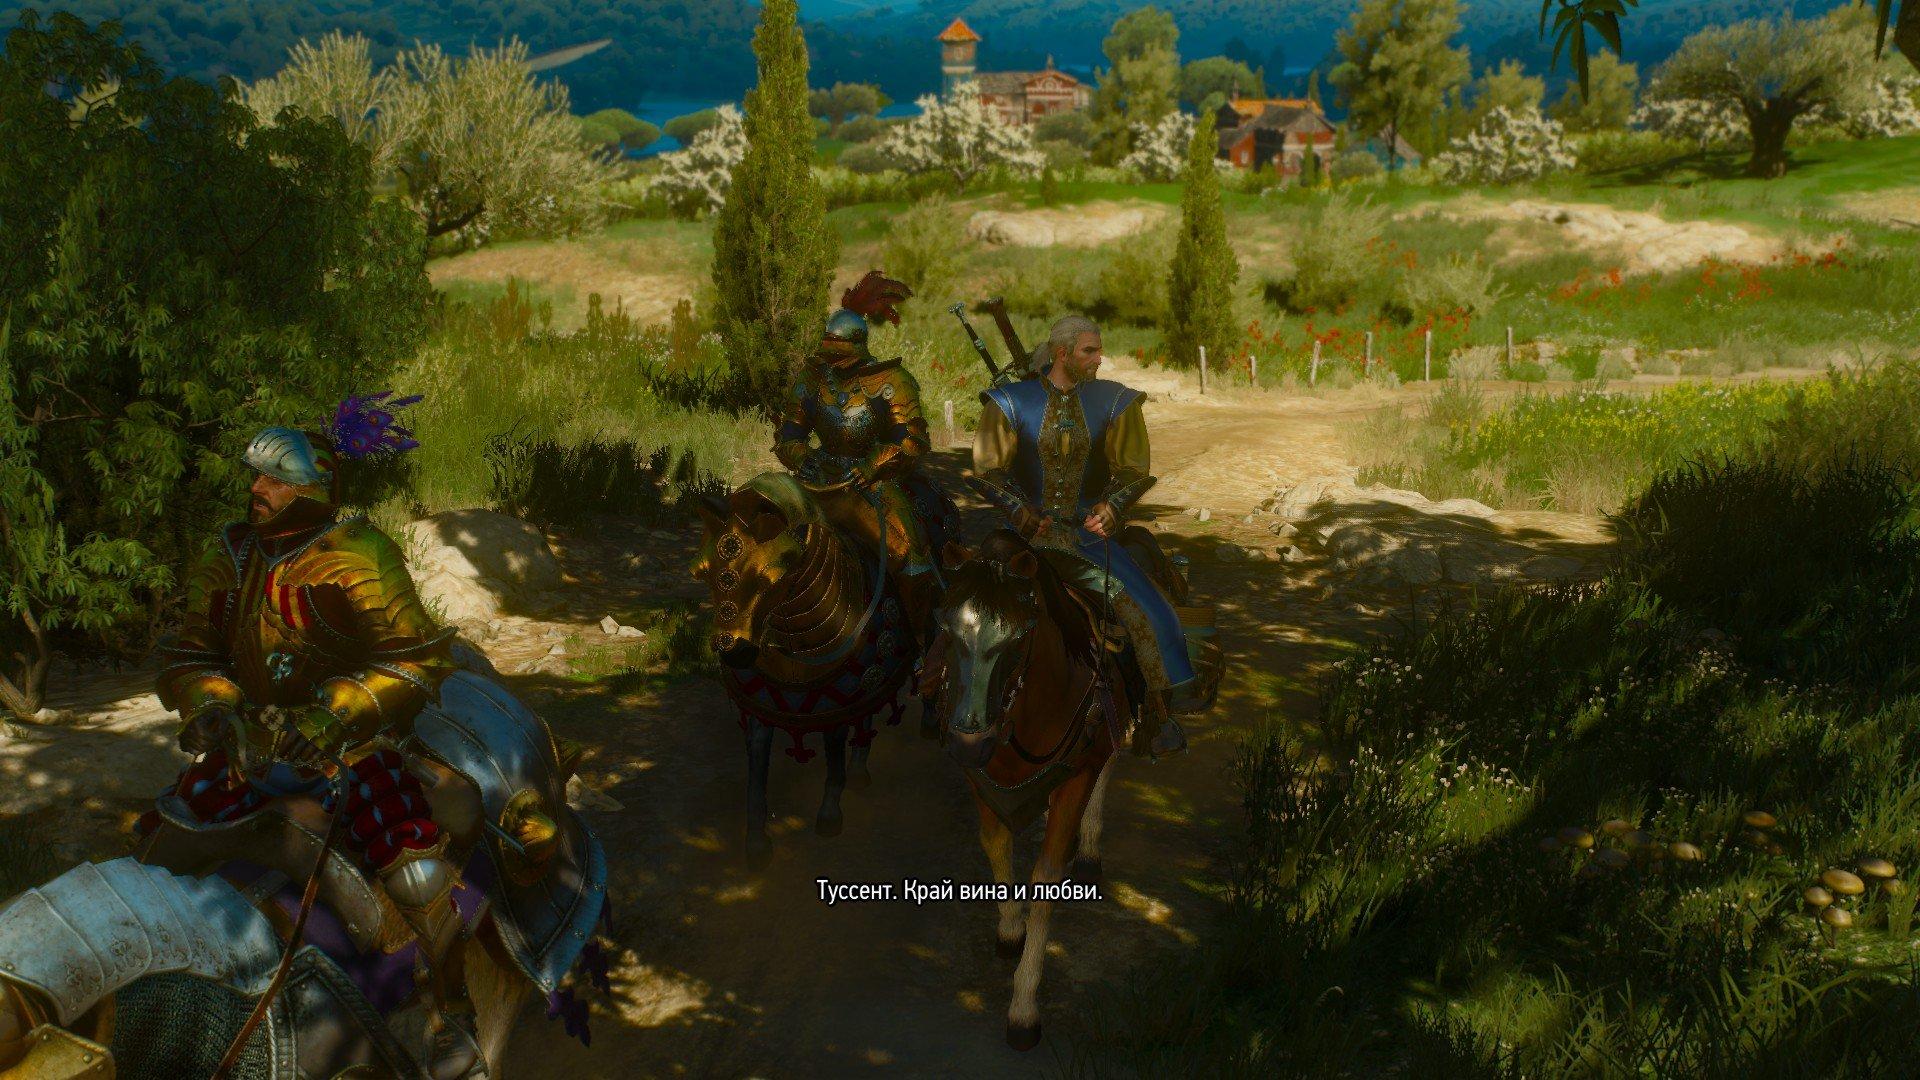 Вопль-прохождение Witcher 3: Кровь и Вино ... НАЧАЛО [ВНИМАНИЕ, ВОЗМОЖНЫ СПОЙЛЕРЫ] - Изображение 7